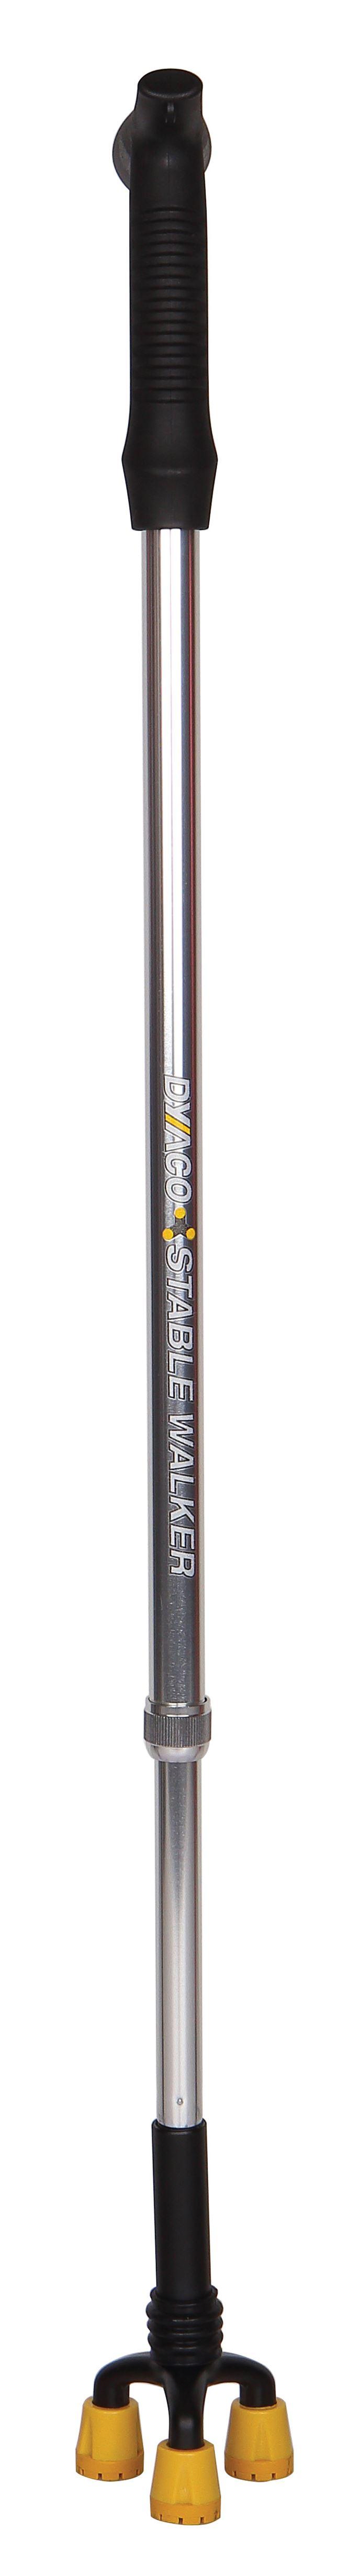 dyaco-sw-850